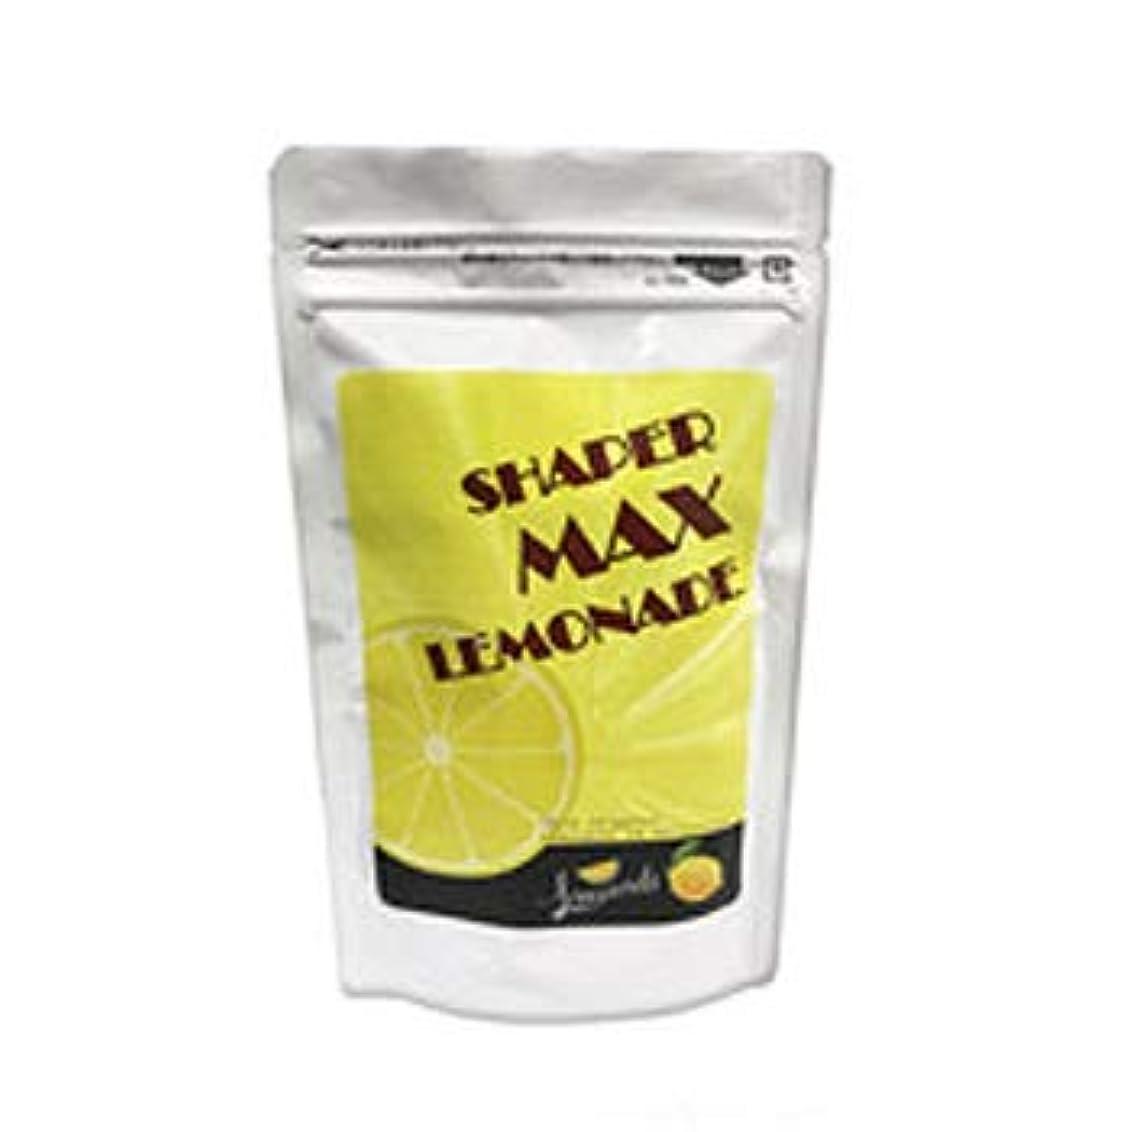 混合のり試みるシェイパーマックスレモネード SHAPER MAX LEMONADE/ダイエット ドリンク レモネード 飲む ボディケア